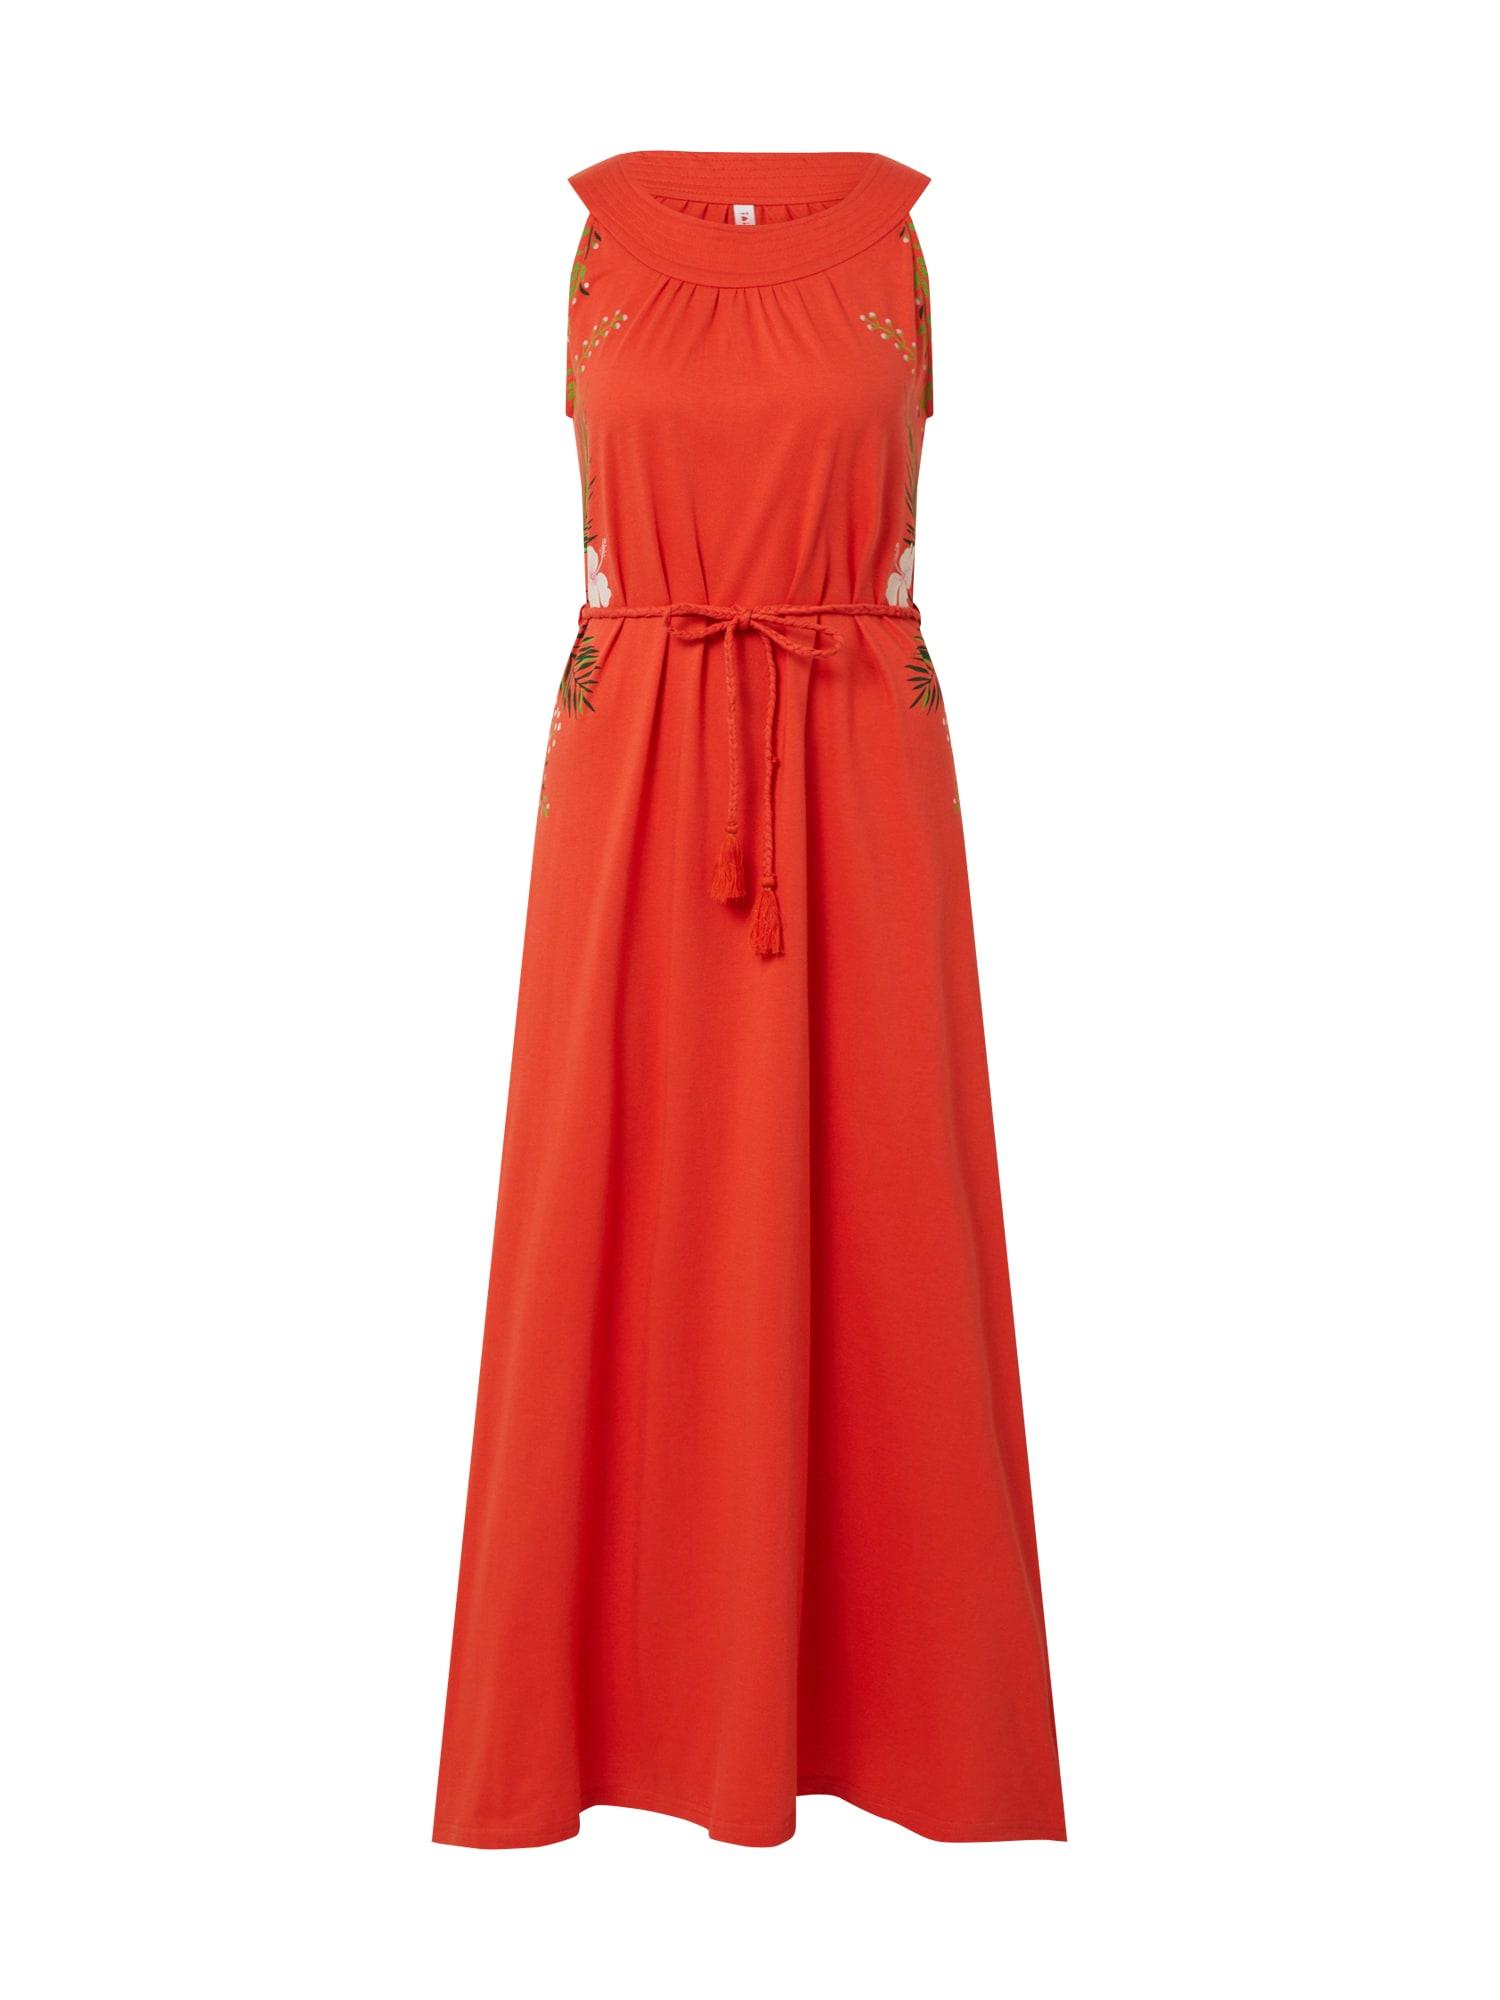 Blutsgeschwister Vasarinė suknelė oranžinė-raudona